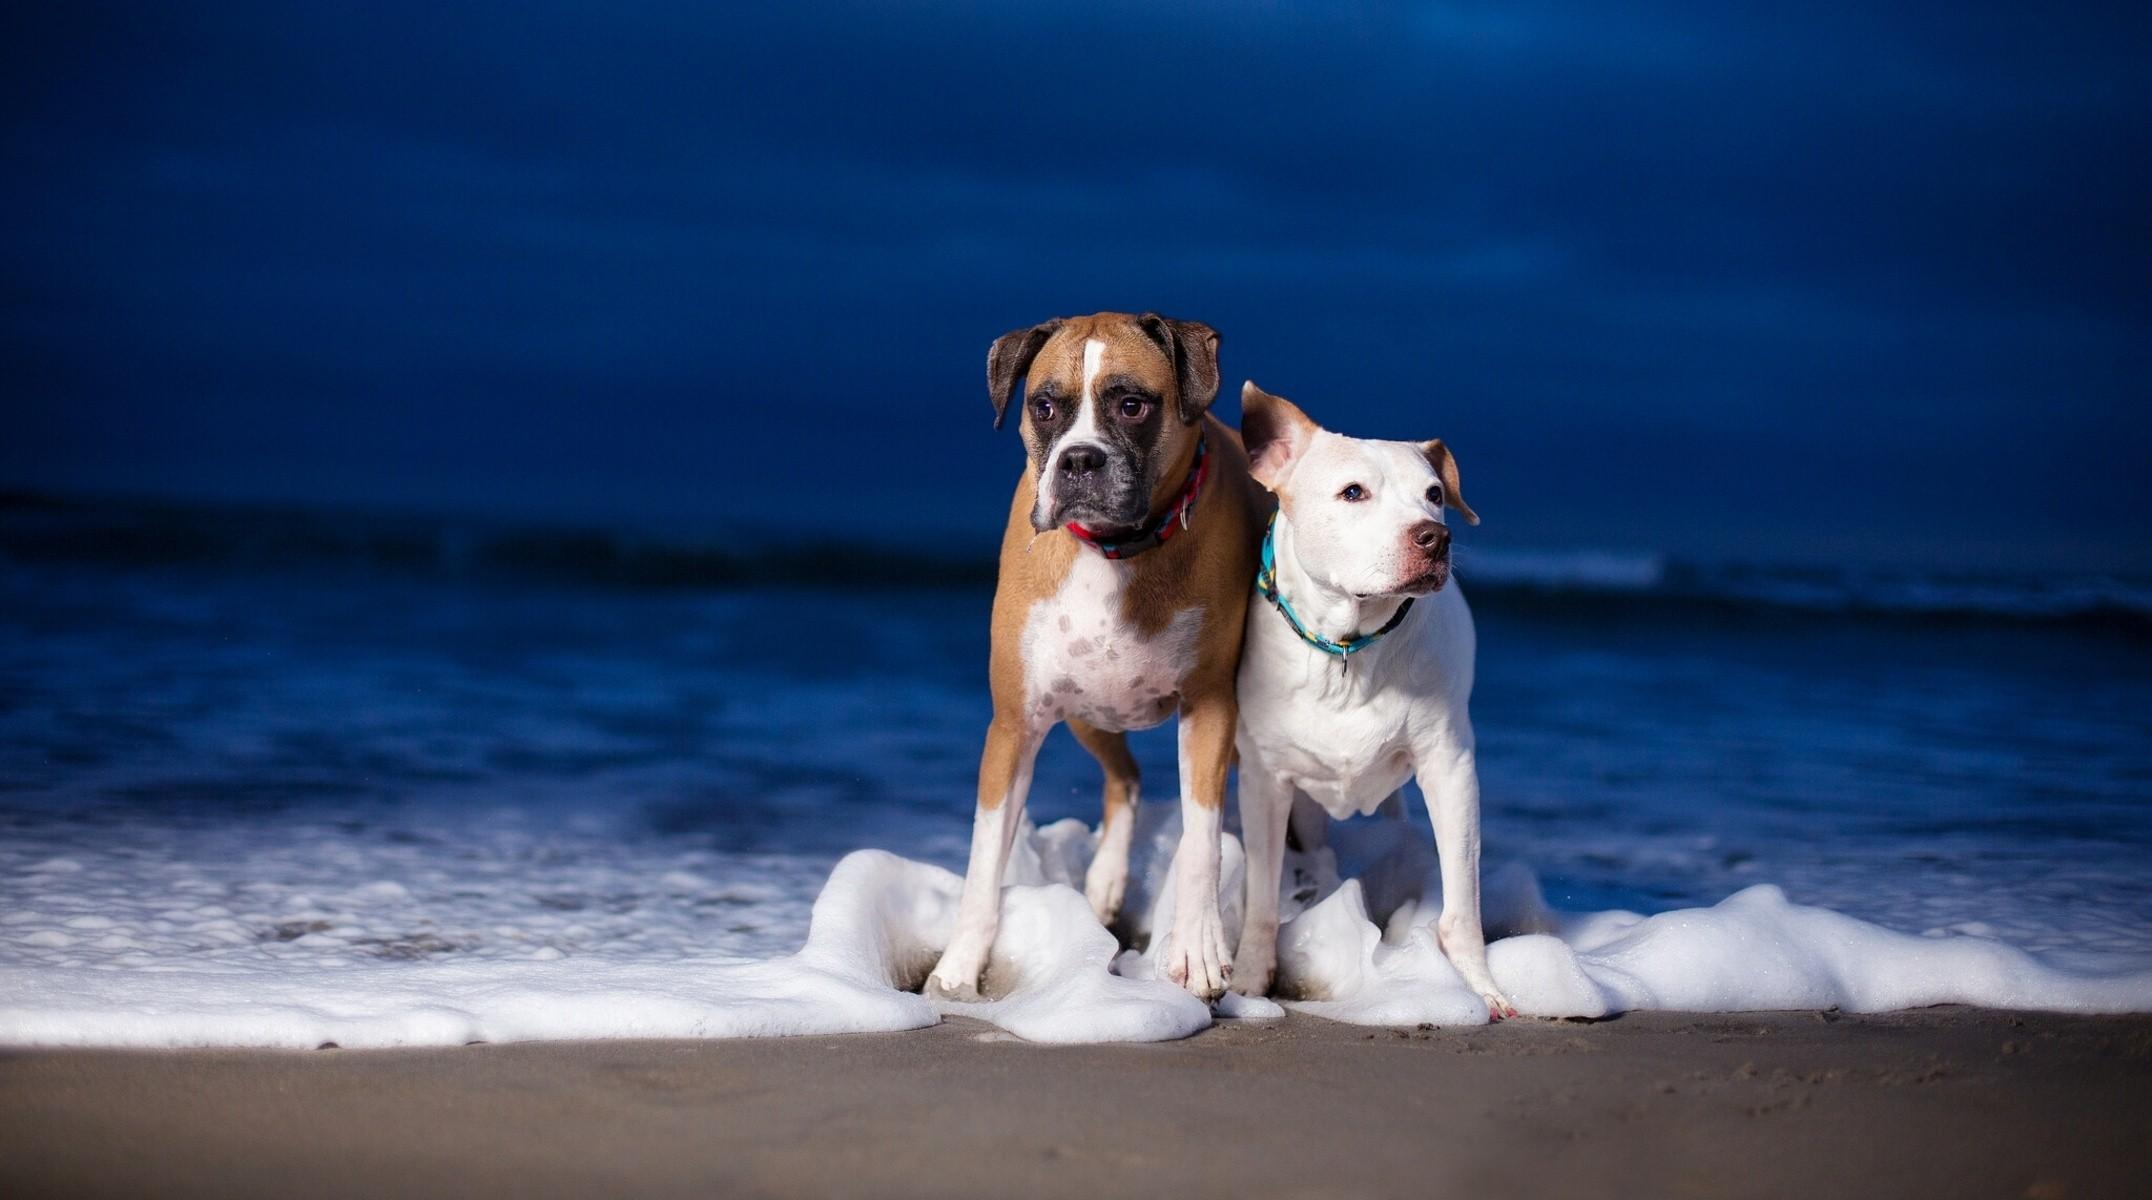 Perros en la playa - 2152x1200